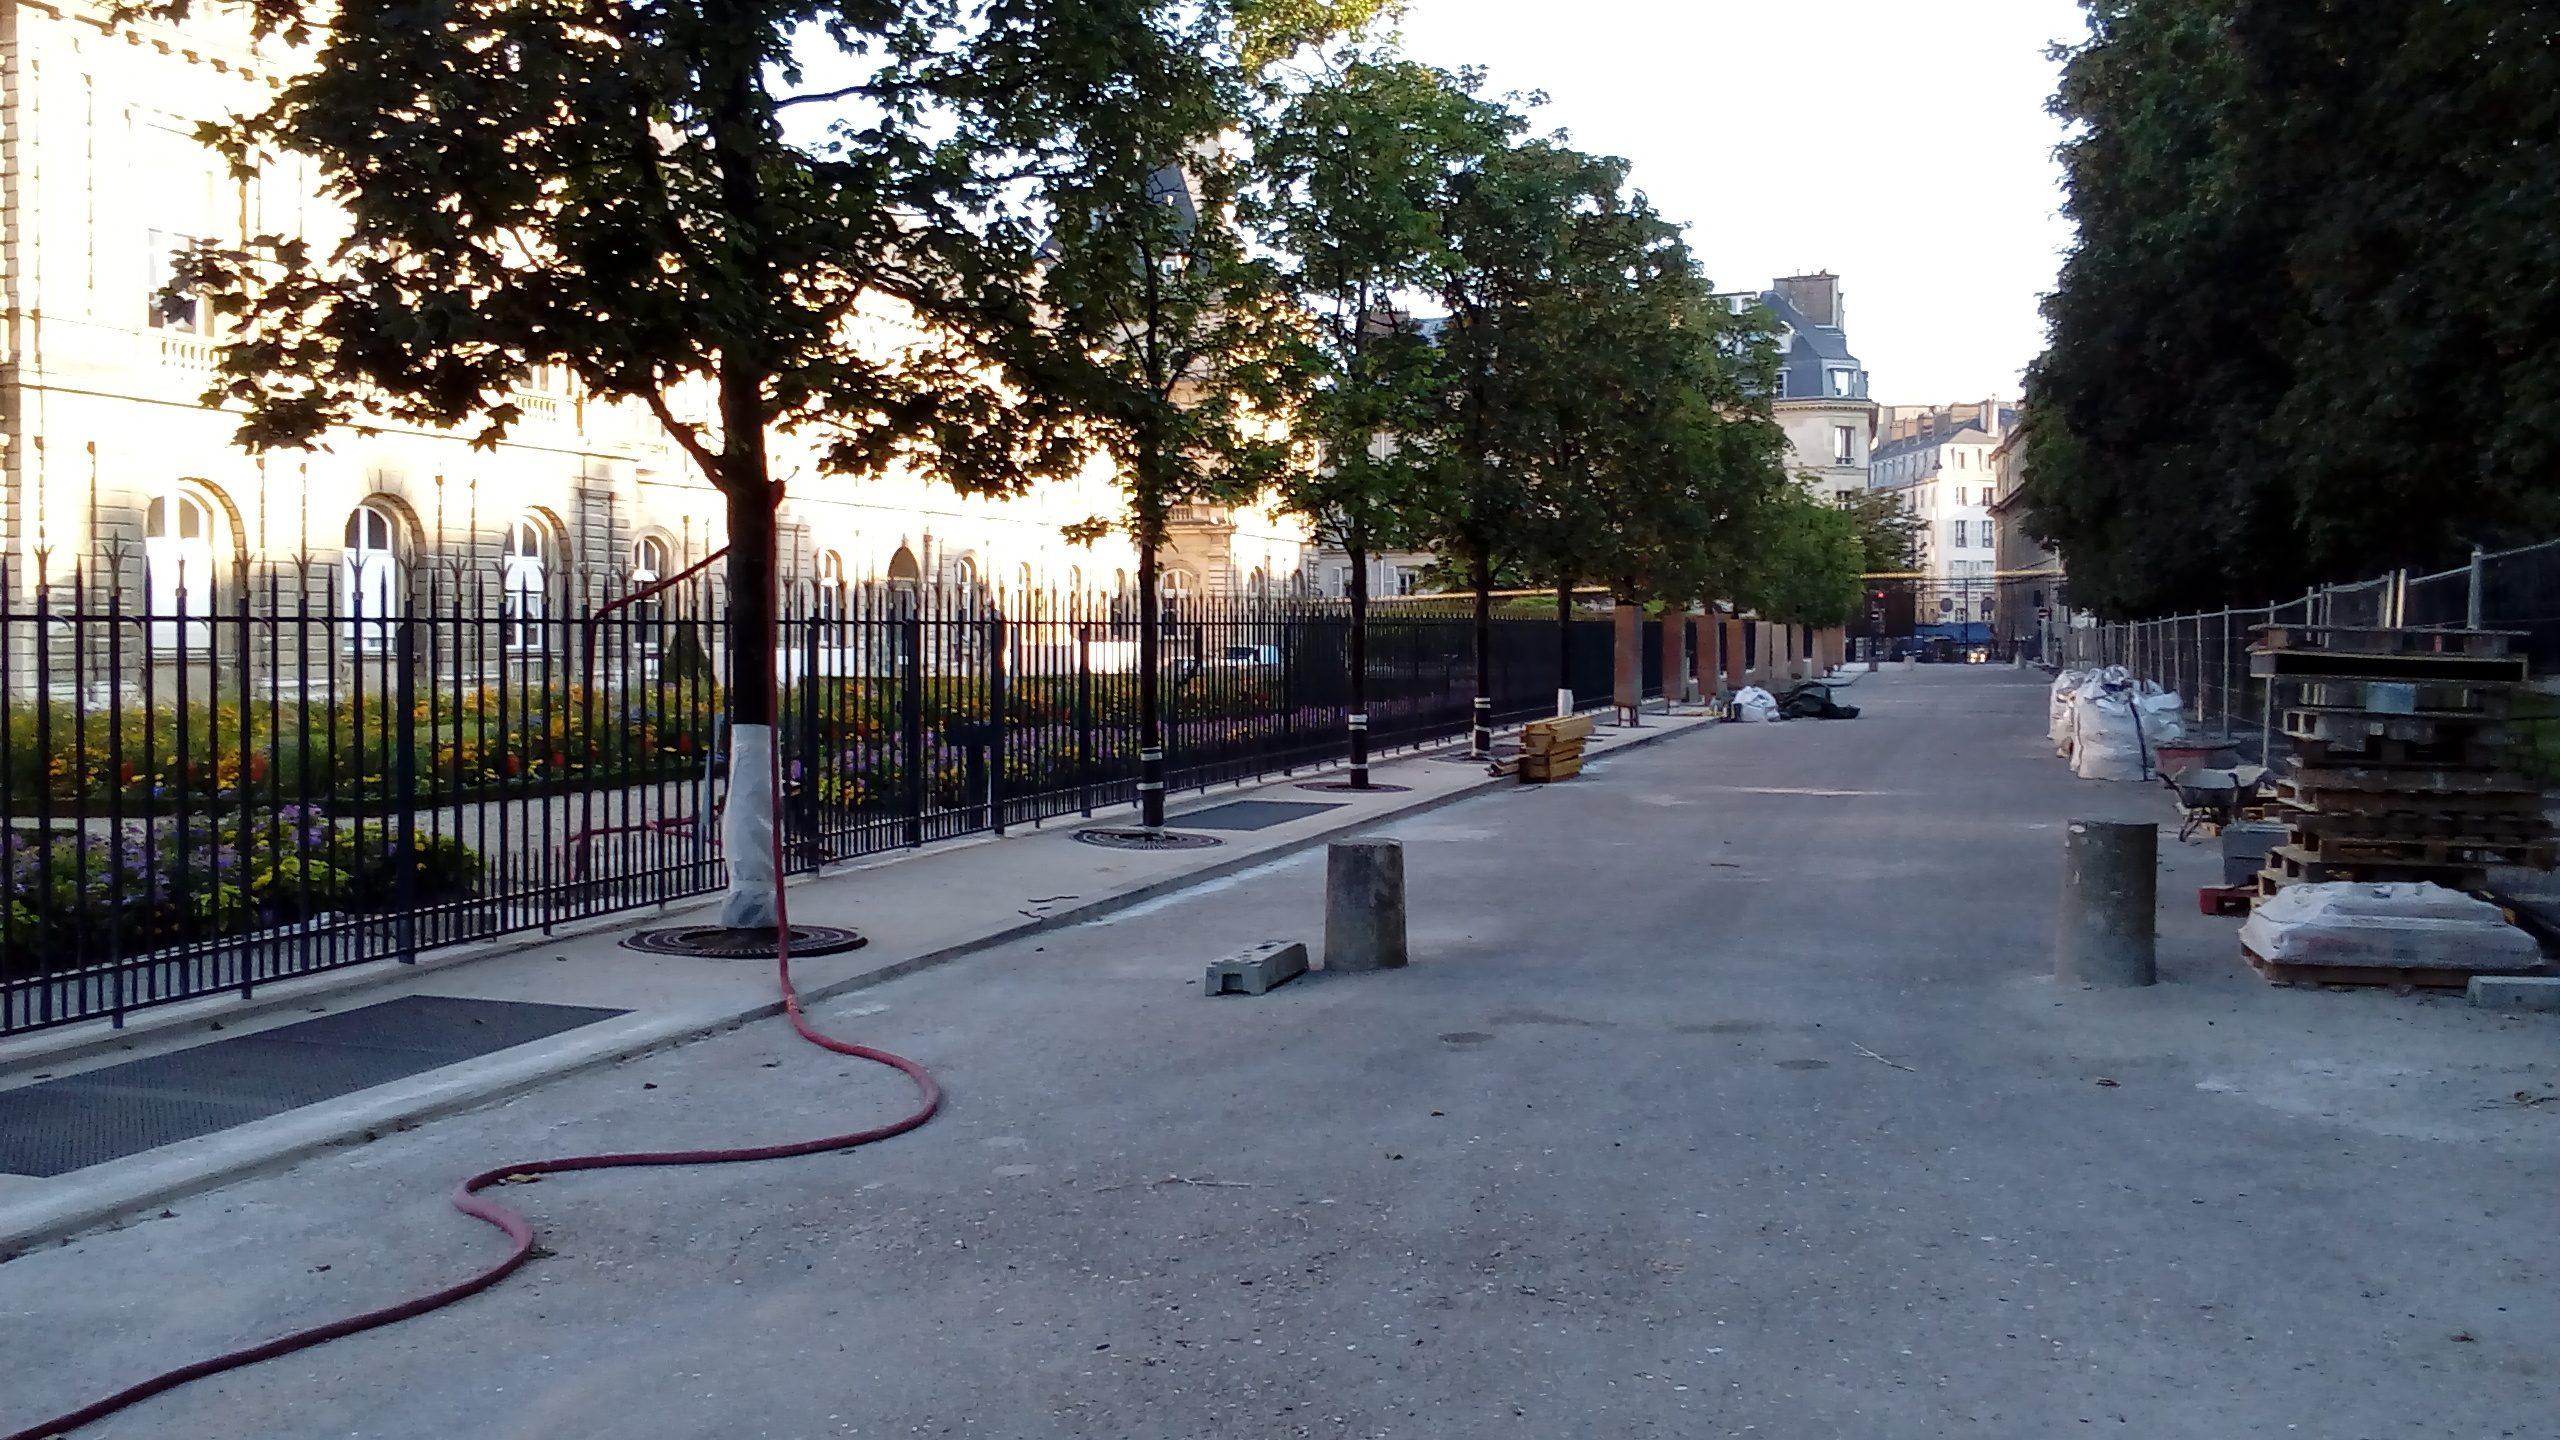 L'architecture de la peur: haute de 80 cm, la grille du Senat dans l'enceinte du jardin du Luxembourg, à Paris, a été remplacée par une grille infranchissable.